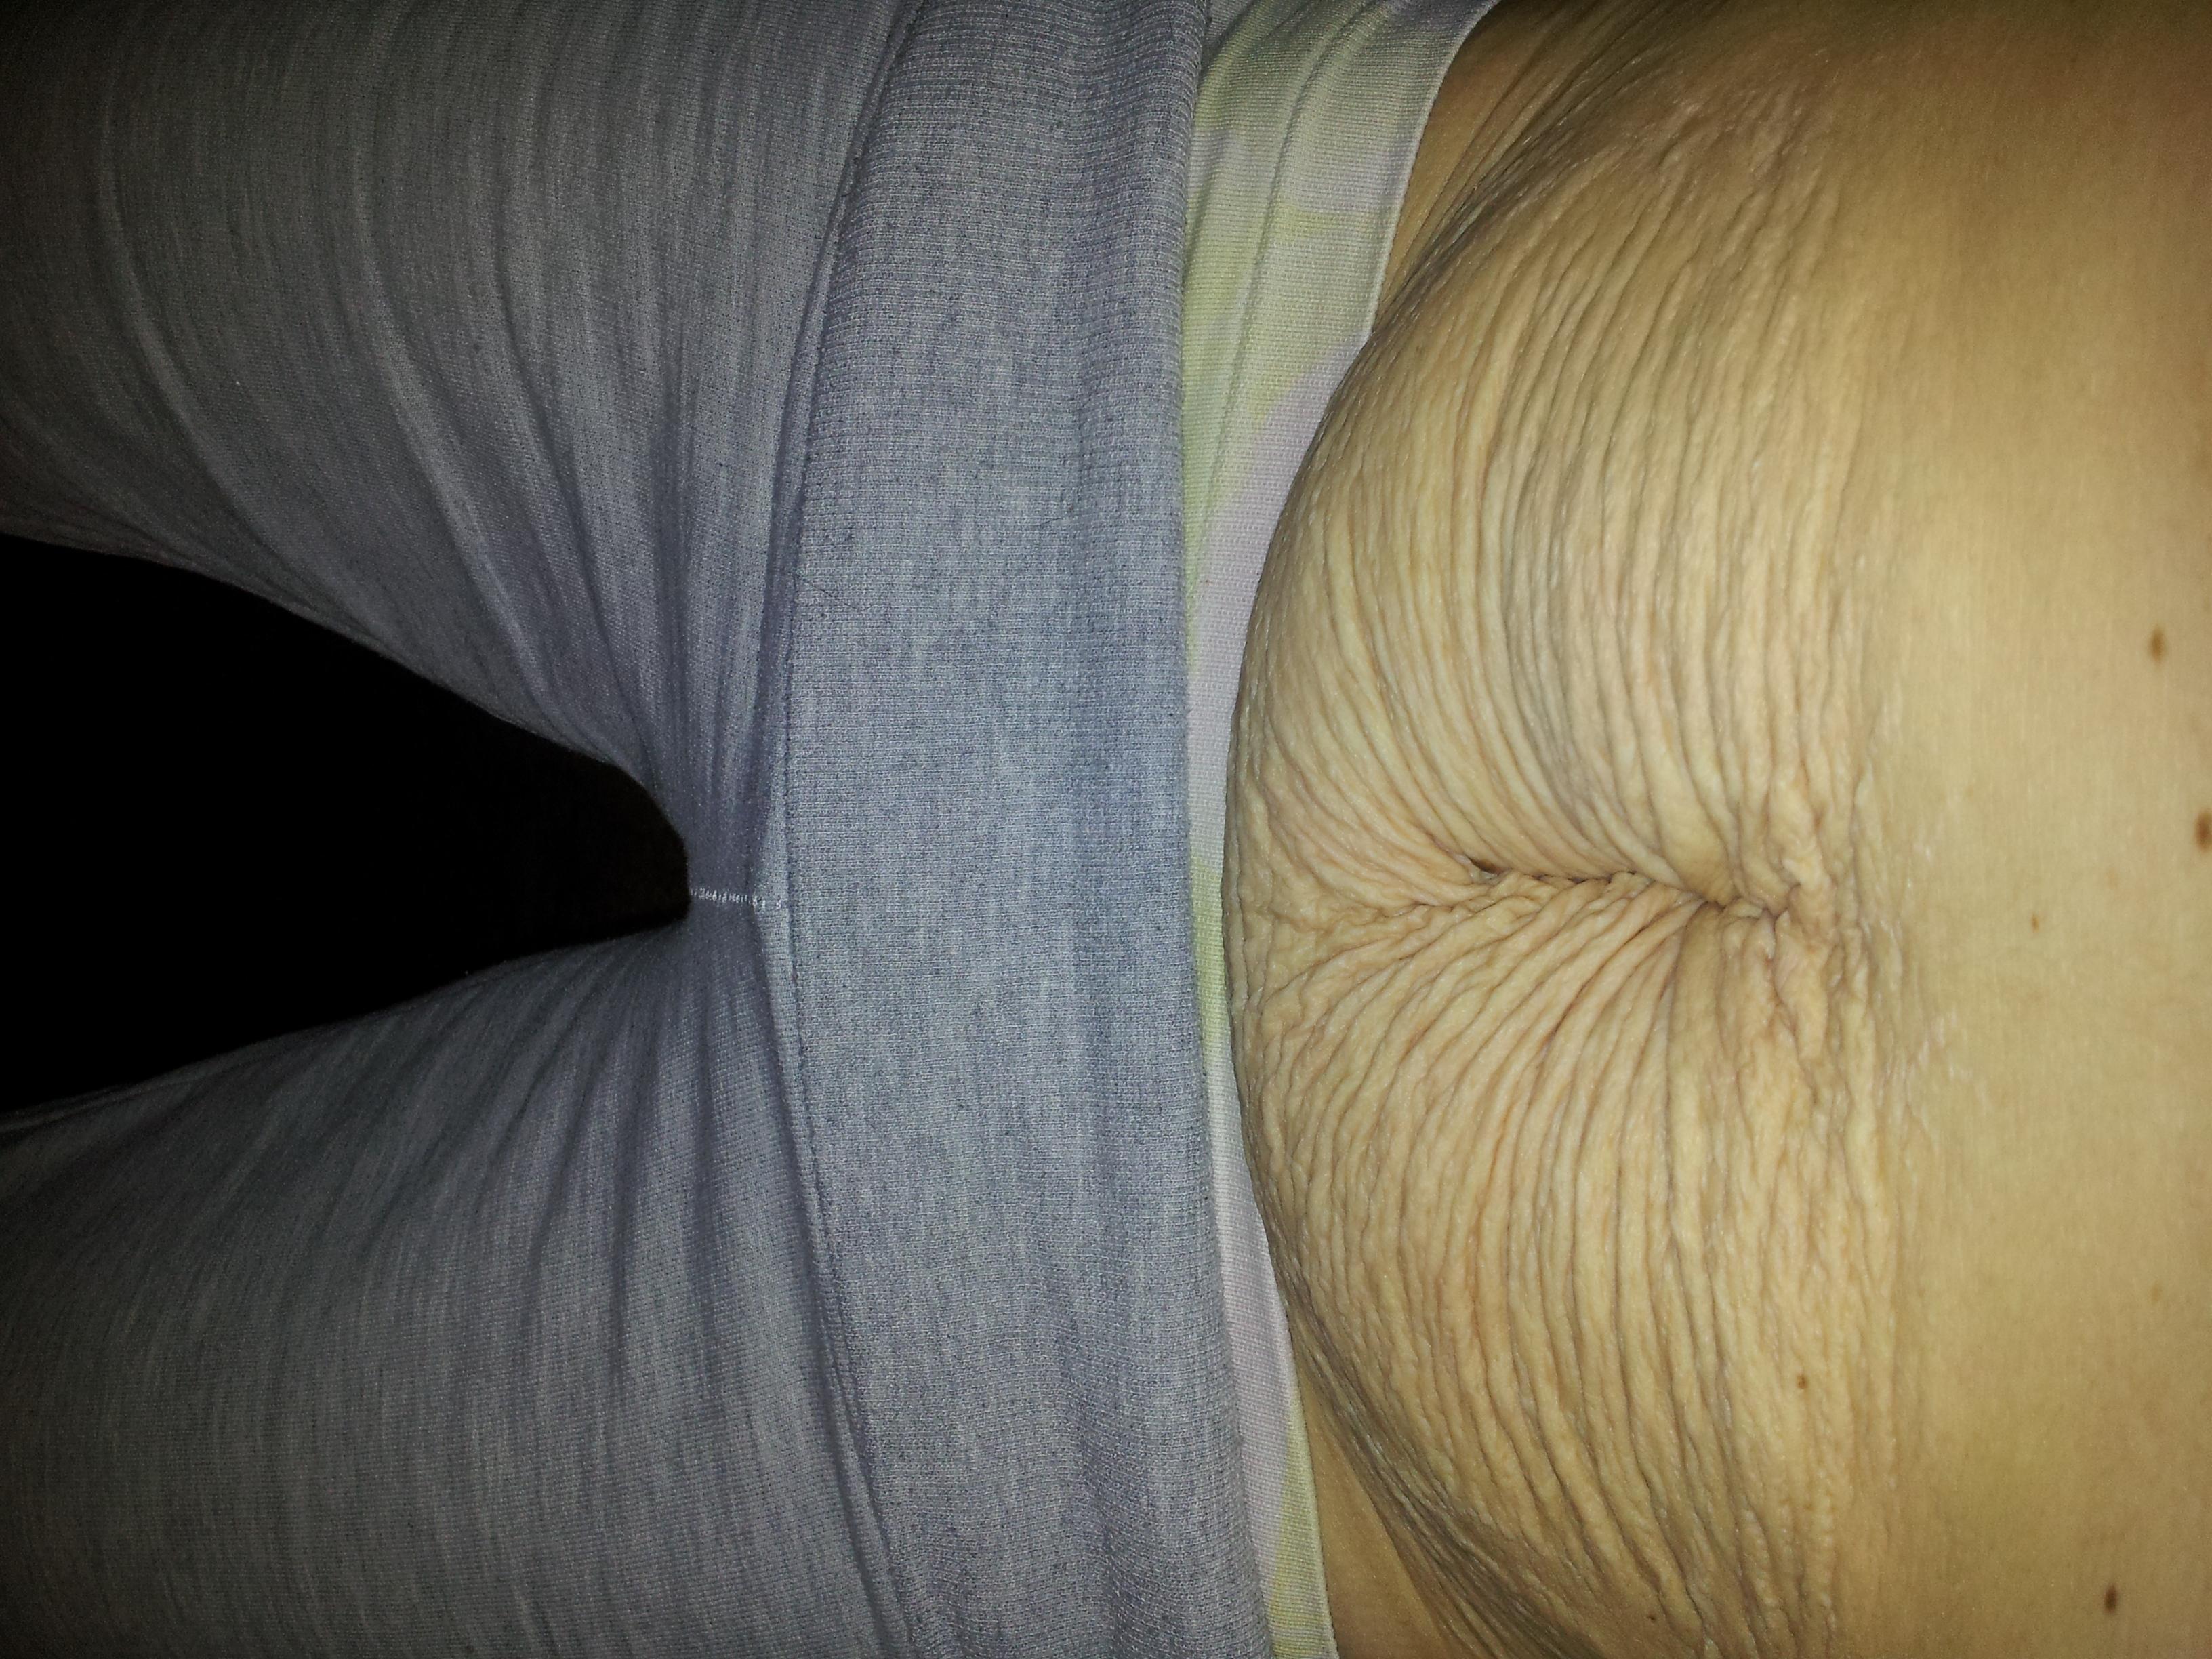 underliv före och efter förlossning